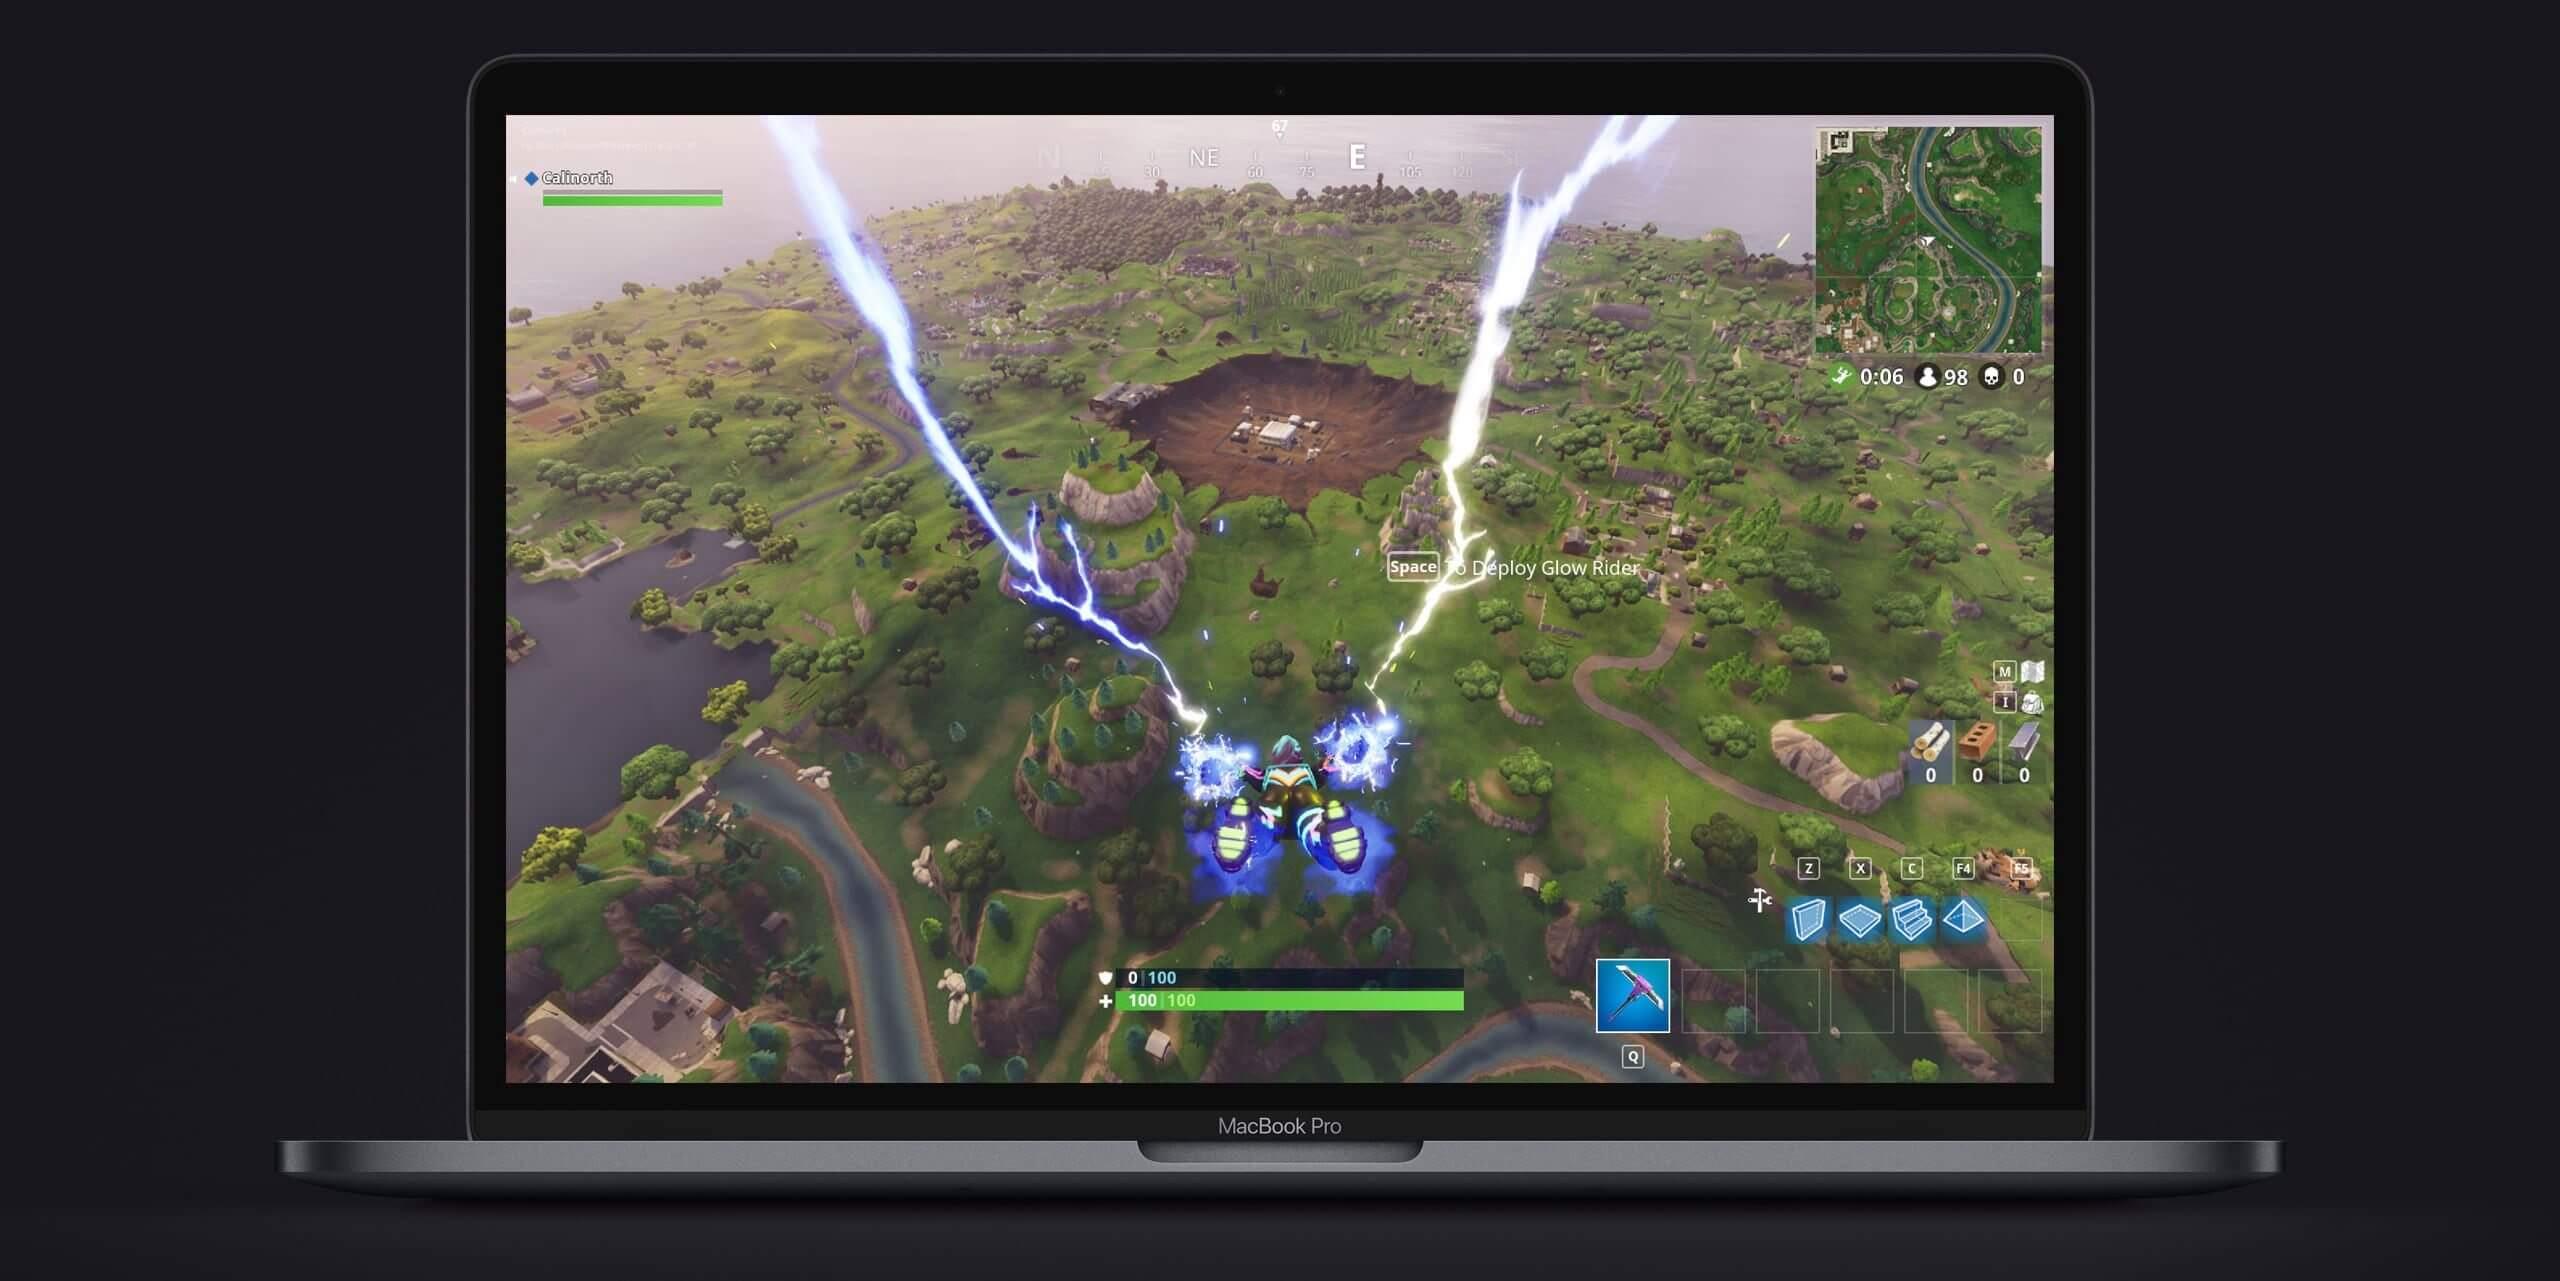 Судья временно запрещает Apple блокировать Unreal Engine, запрет на Fortnite пока сохраняется